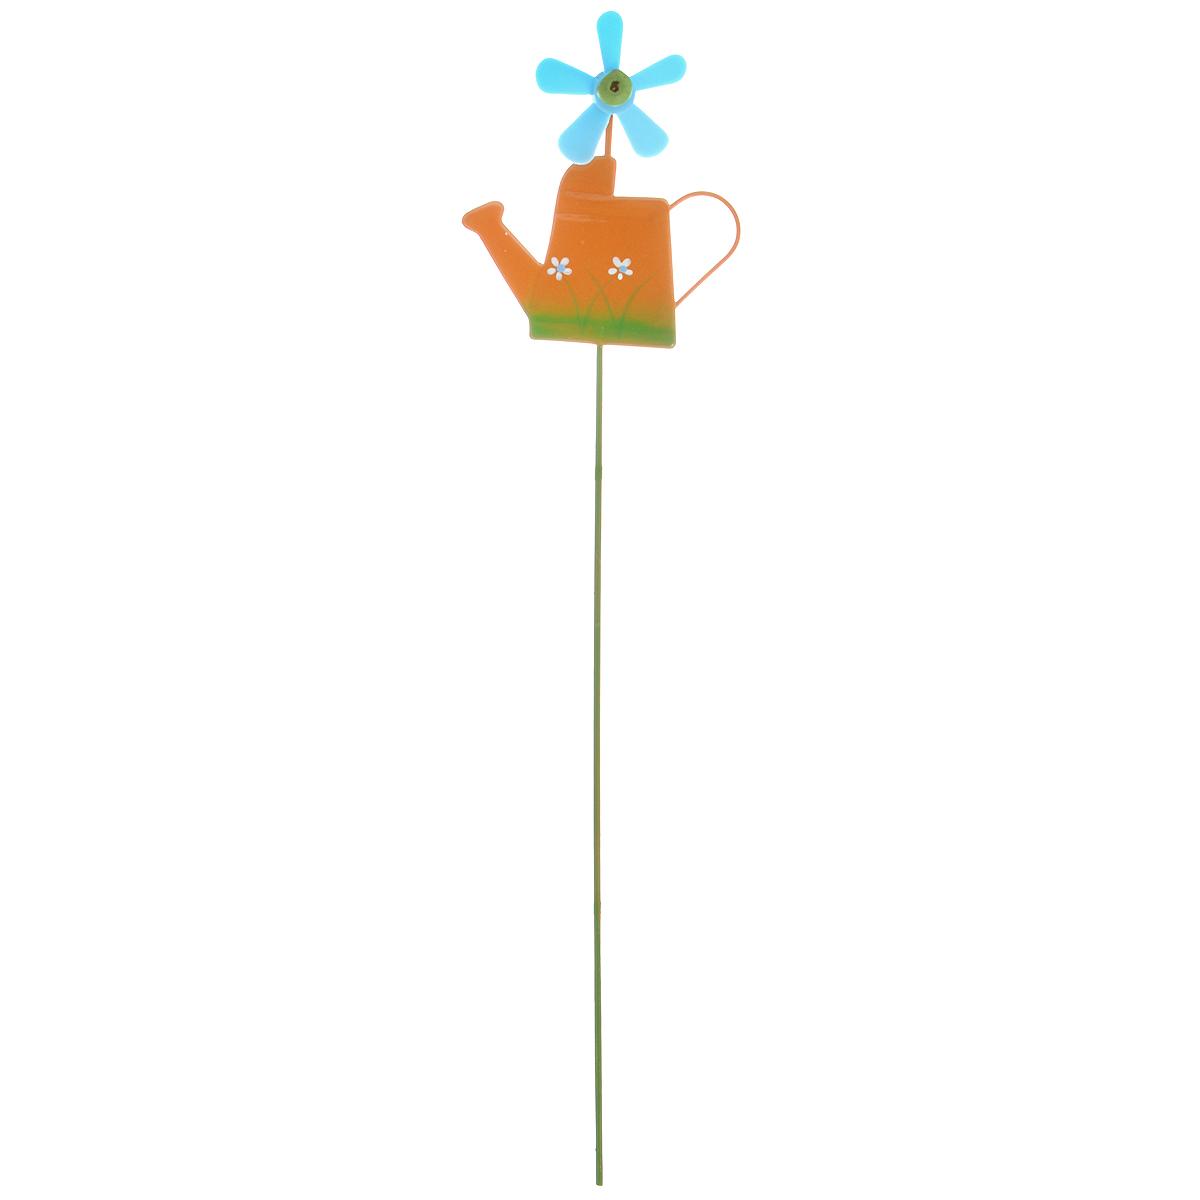 Украшение на ножке Village People Лейка с флюгером, цвет: оранжевый, высота 27 см67156_3Украшение на ножке Village People Лейка с флюгером поможет вам дополнить экстерьер красивой и яркой деталью. Такое украшение очень просто вставляется в землю с помощью длинной ножки, оно отлично переносит любые погодные условия и прослужит долгое время. Идеально подходит для декорирования садового участка, грядок, клумб, домашних цветов в горшках, а также для поддержки и правильного роста декоративных растений.Размер декоративного элемента: 6,5 см х 7,5 см. Высота: 27 см.